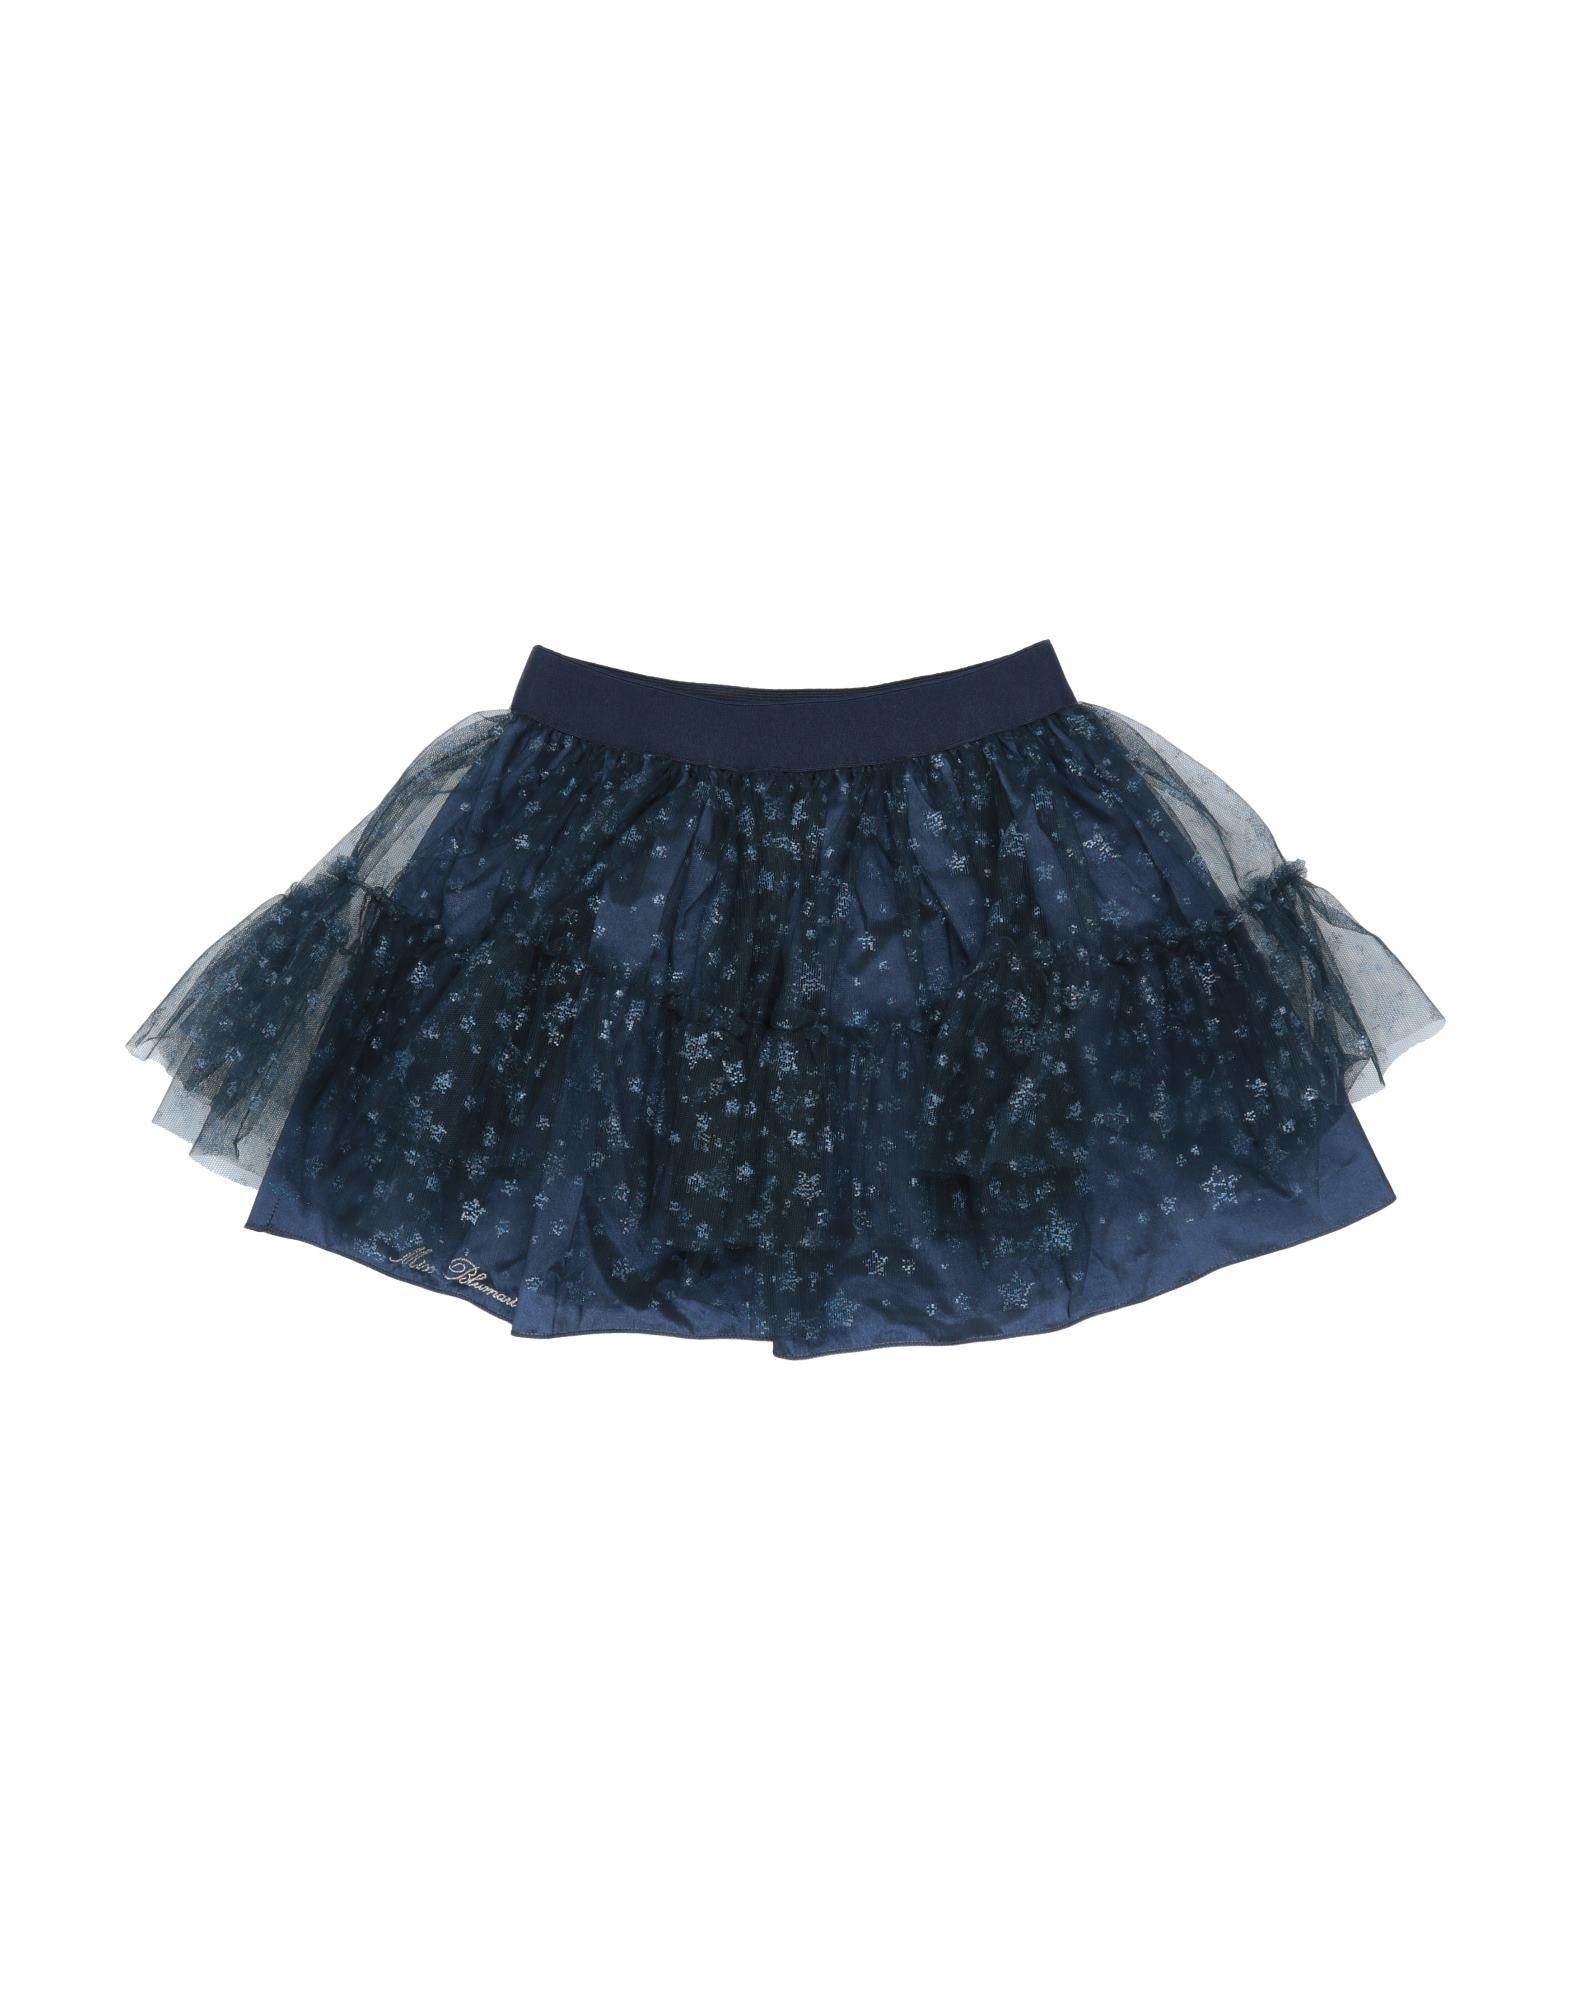 MISS BLUMARINE Юбка юбка шорты miss selfridge miss selfridge mi035ewfgom6